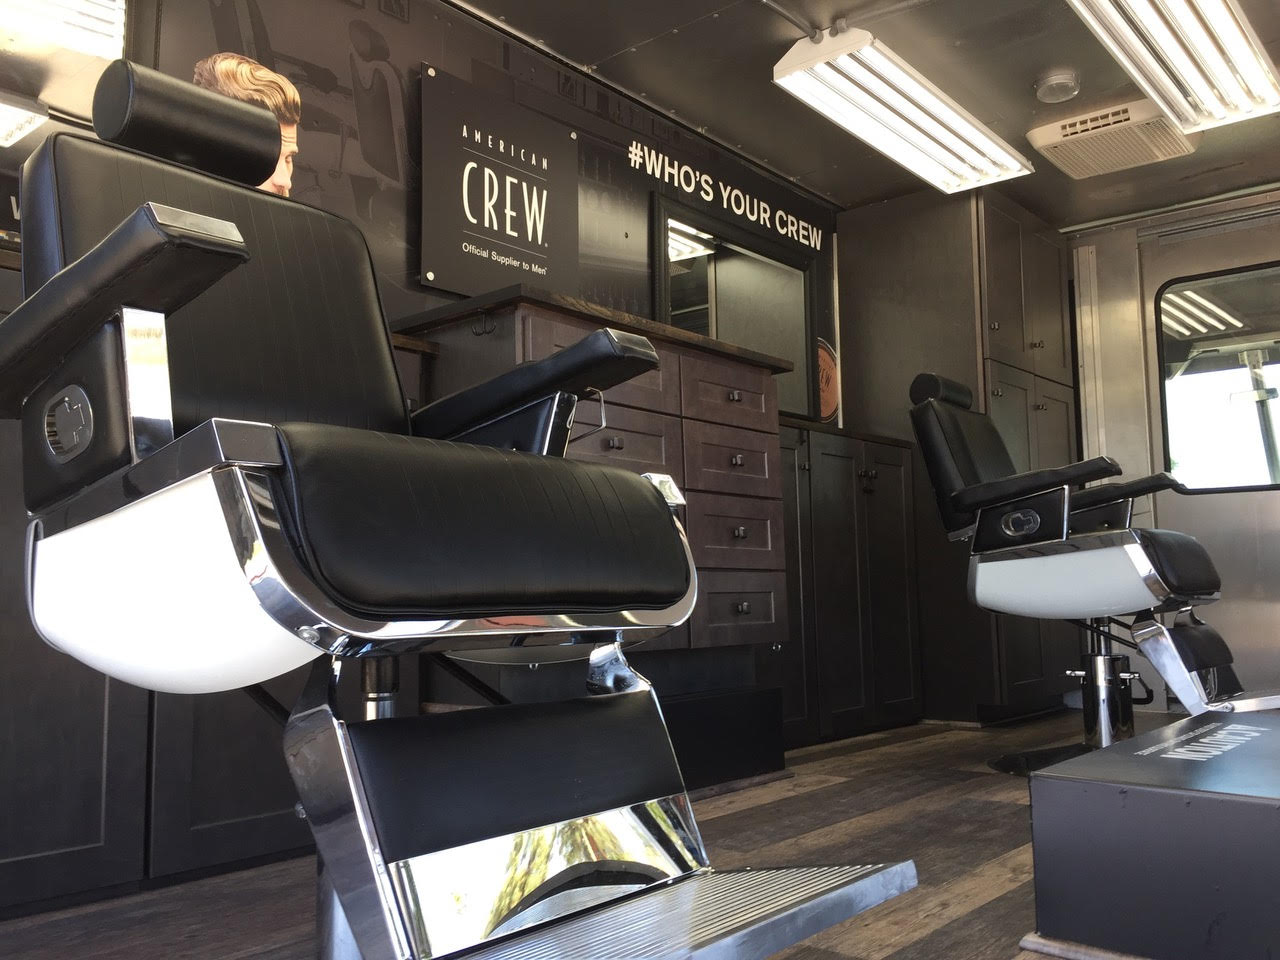 Mobile Barber Shop Truck interior